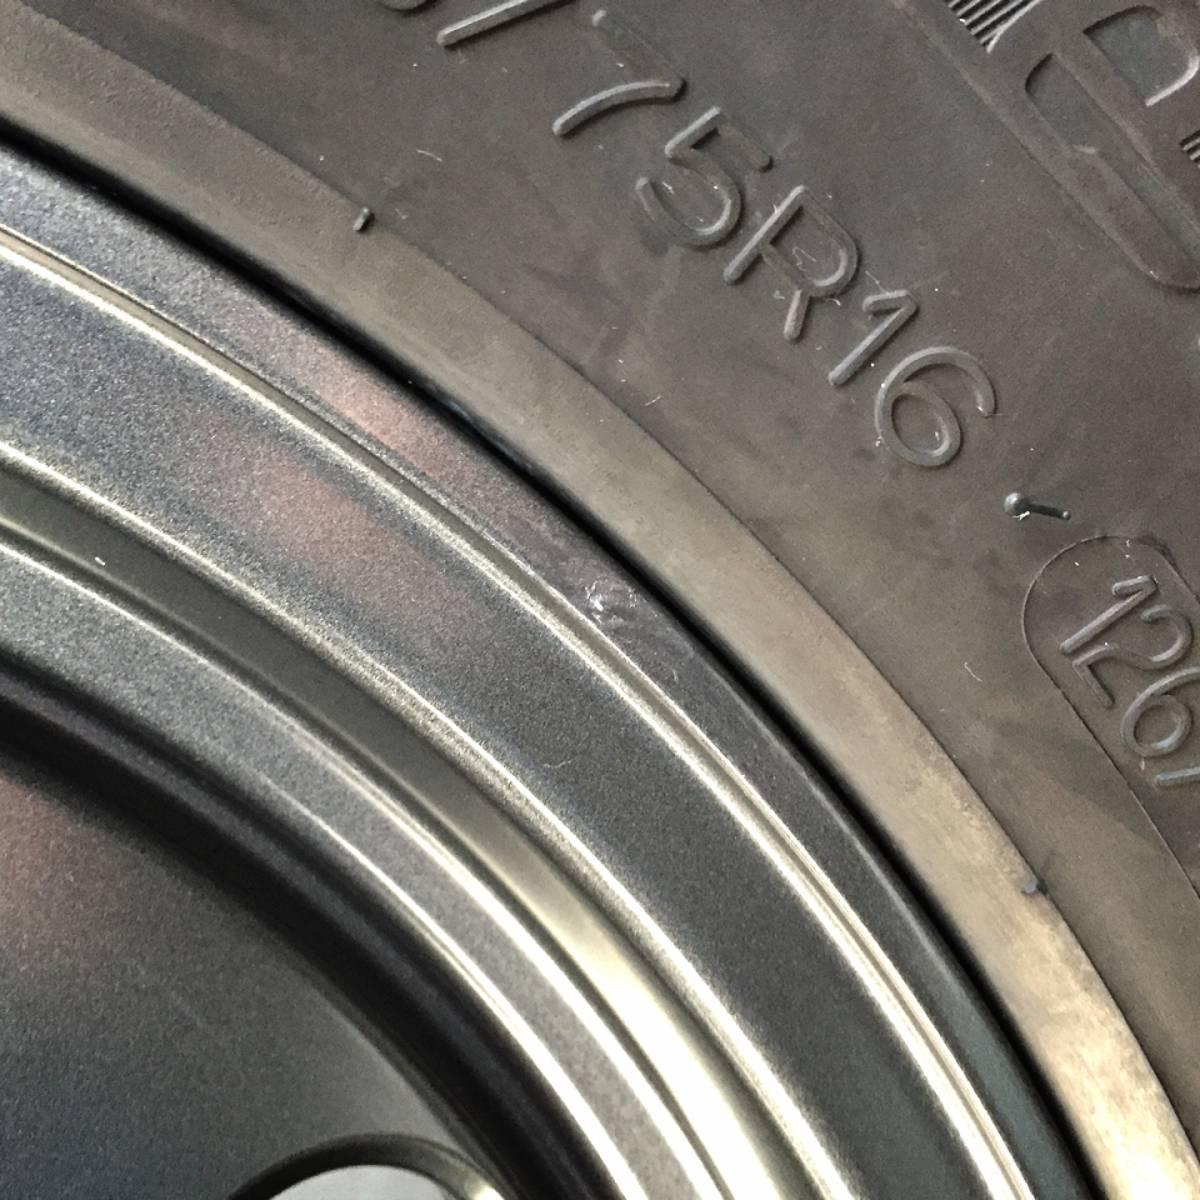 再販 ランクル70 76 2017年 BF Goodrich バリ溝 MT 285/75R16 & JAOS VICTRON TRIBE 4本セット ナットおまけ可 夏タイヤ &ホイールセット_画像6